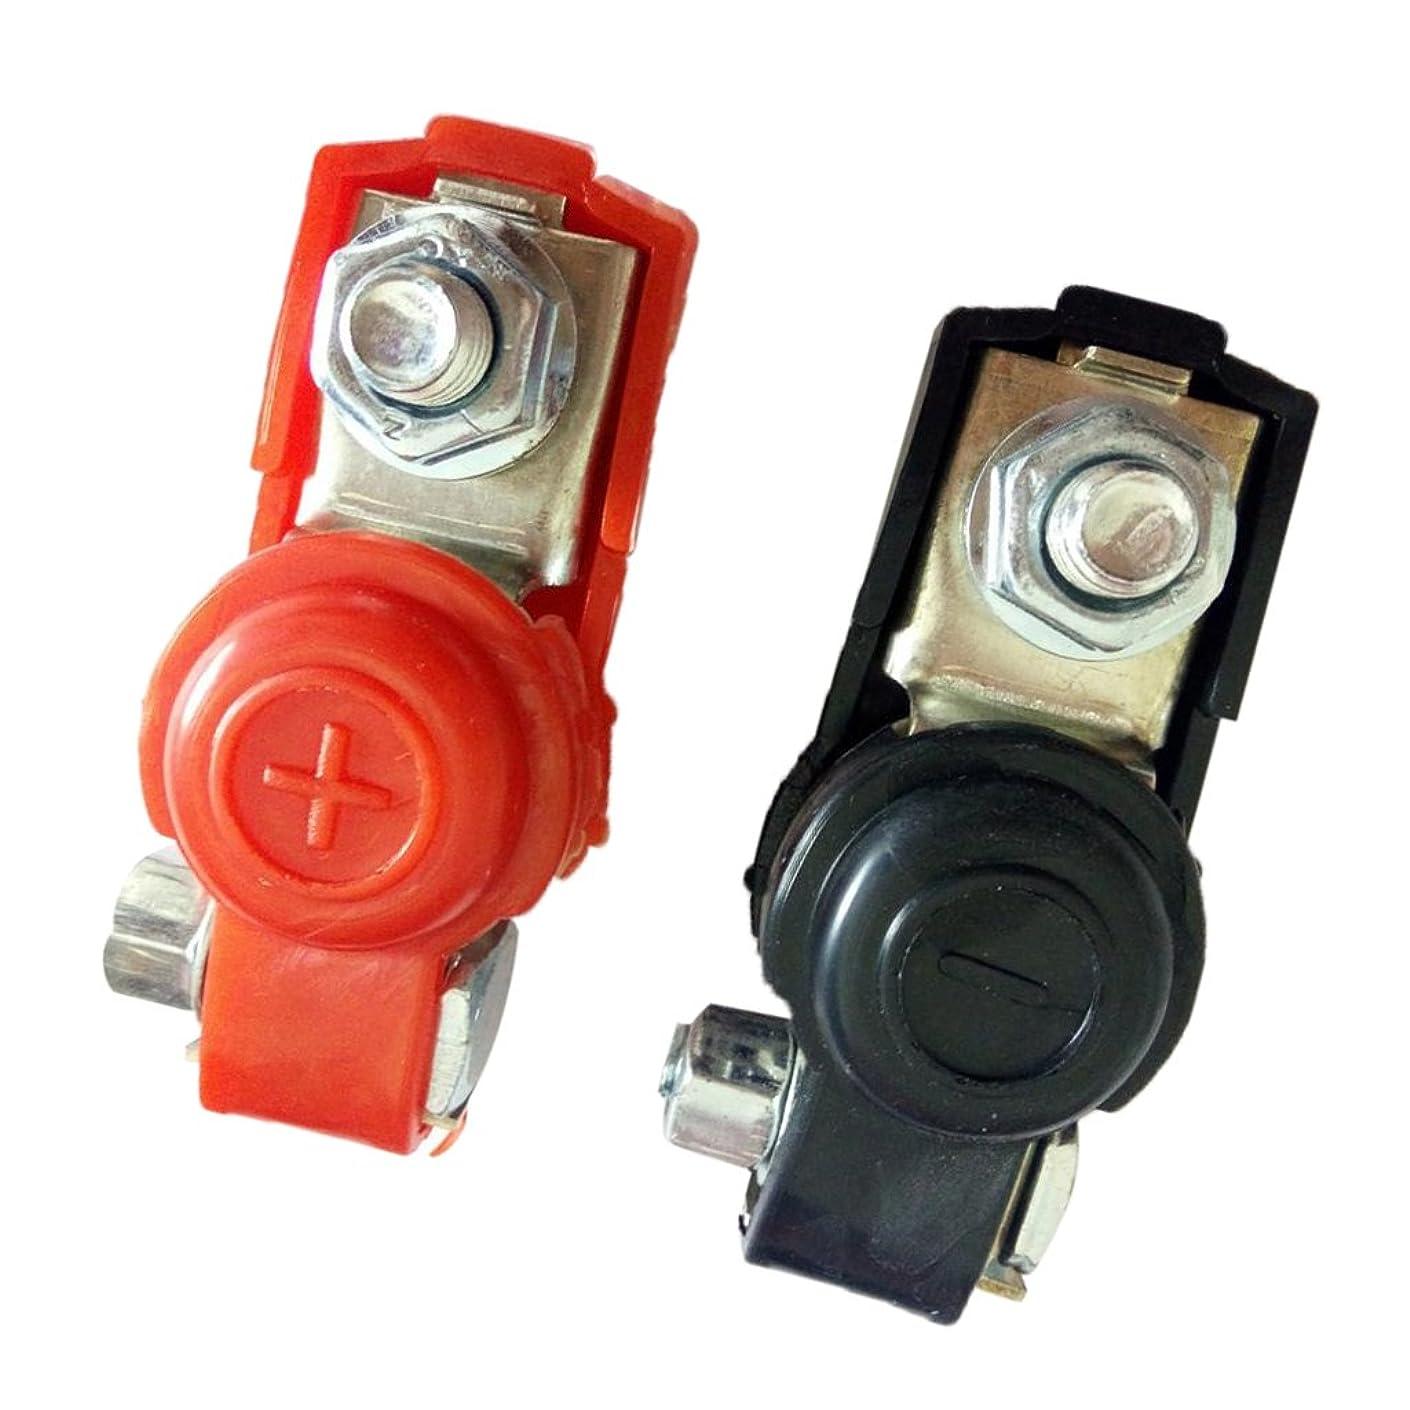 印象的な美容師何故なのBaoblaze バッテリー端子クランプ バッテリーターミナル 電池ターミナルクリップ クリップコネクタ カバー付き 2個入り 品質保証